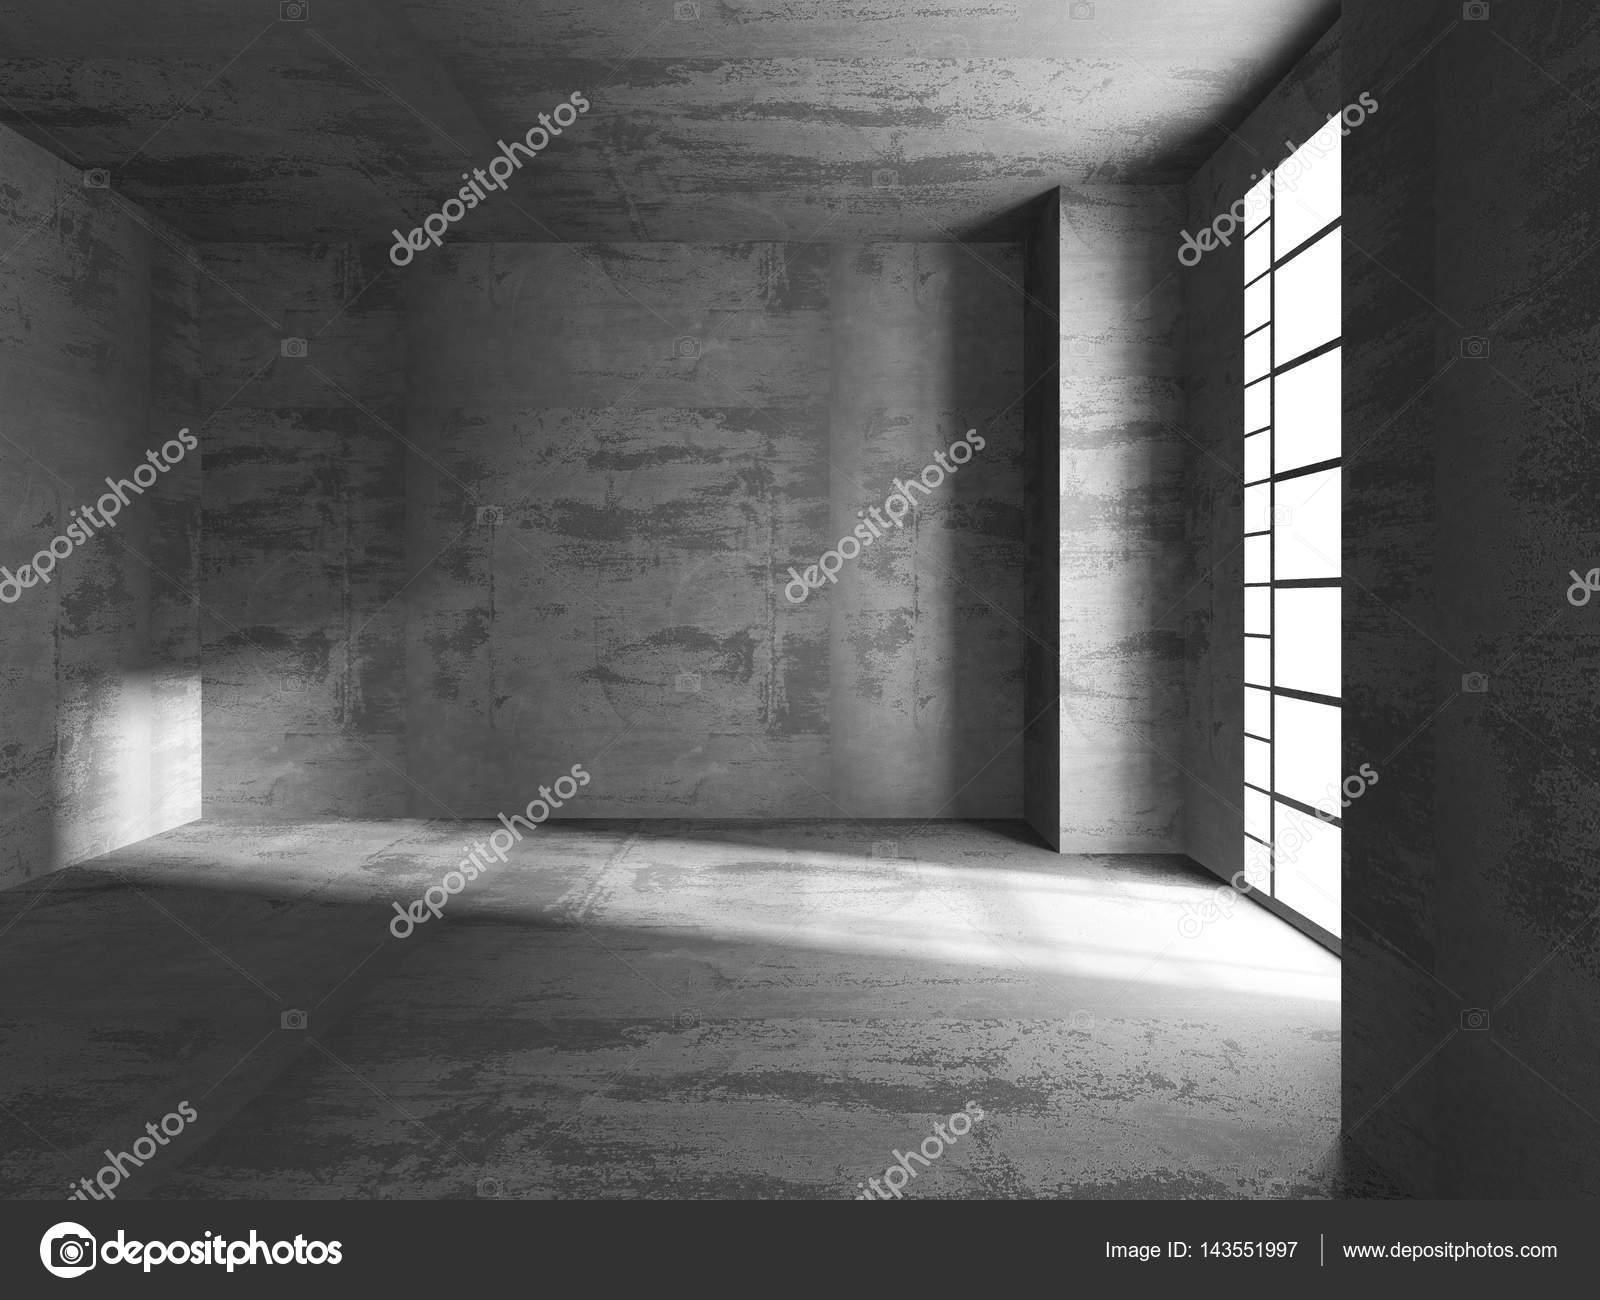 cuarto oscuro vacío — Foto de stock © VERSUSstudio #143551997